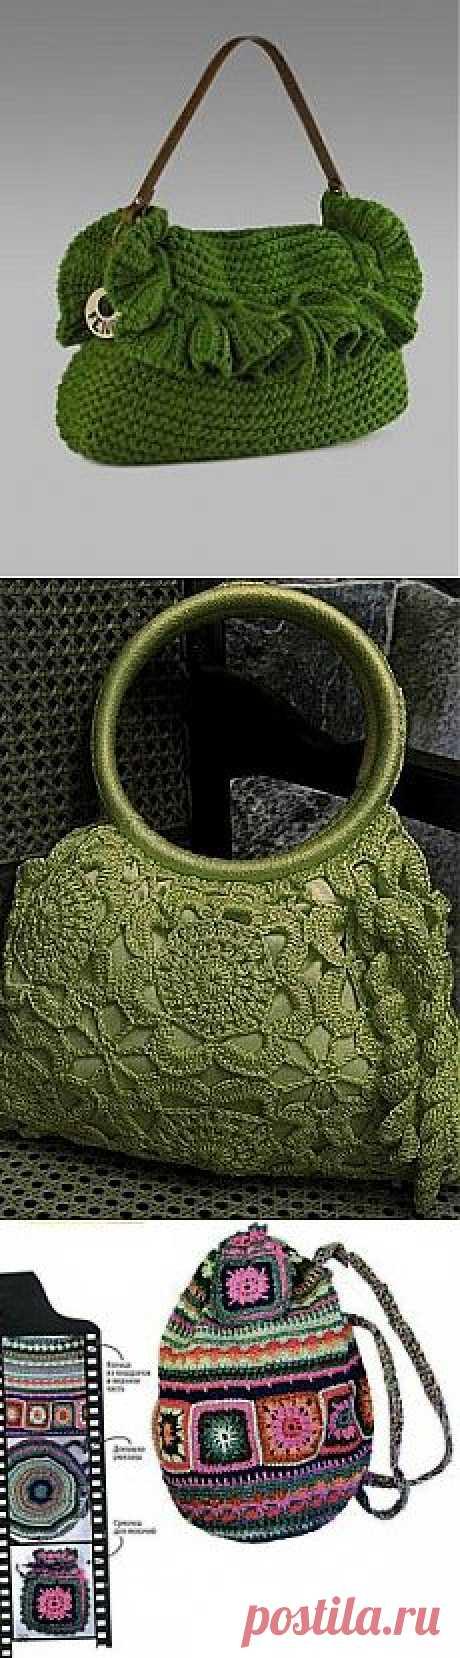 Ажурные вязанные сумочки.